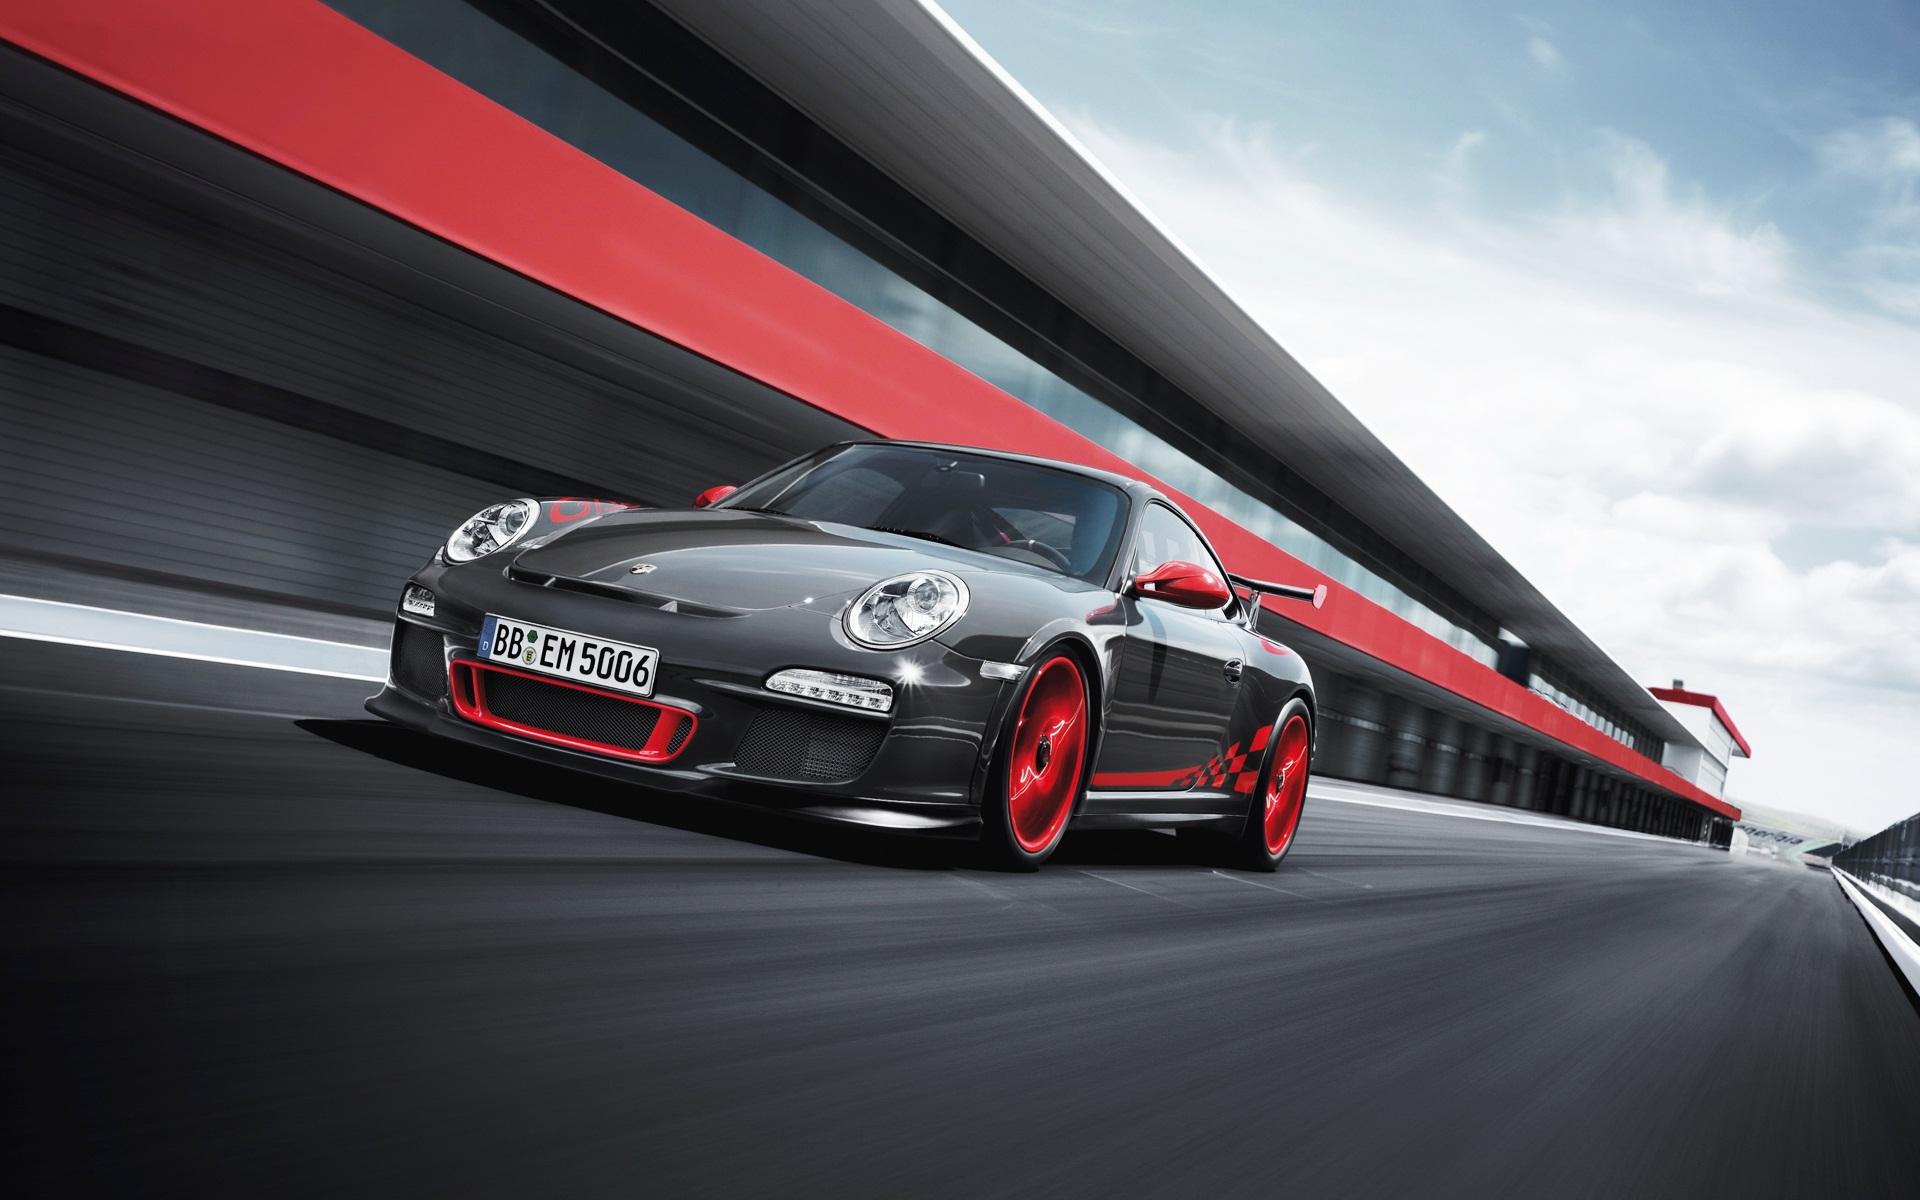 Awesome Porsche GT3 Wallpaper